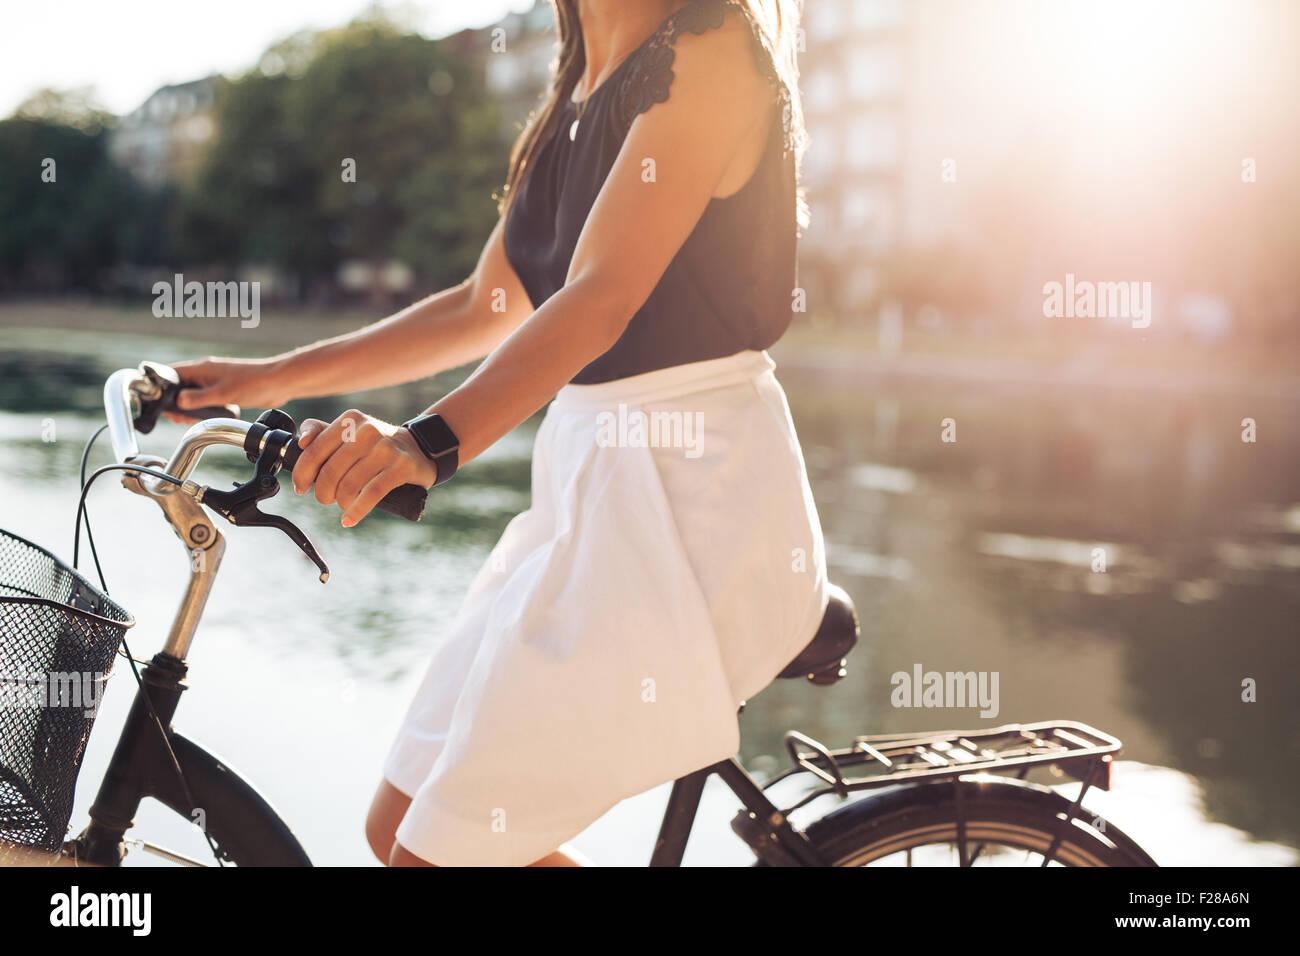 Immagine ritagliata giovane femmina la sua equitazione Bicicletta nei pressi di un laghetto. Donna in bicicletta Immagini Stock